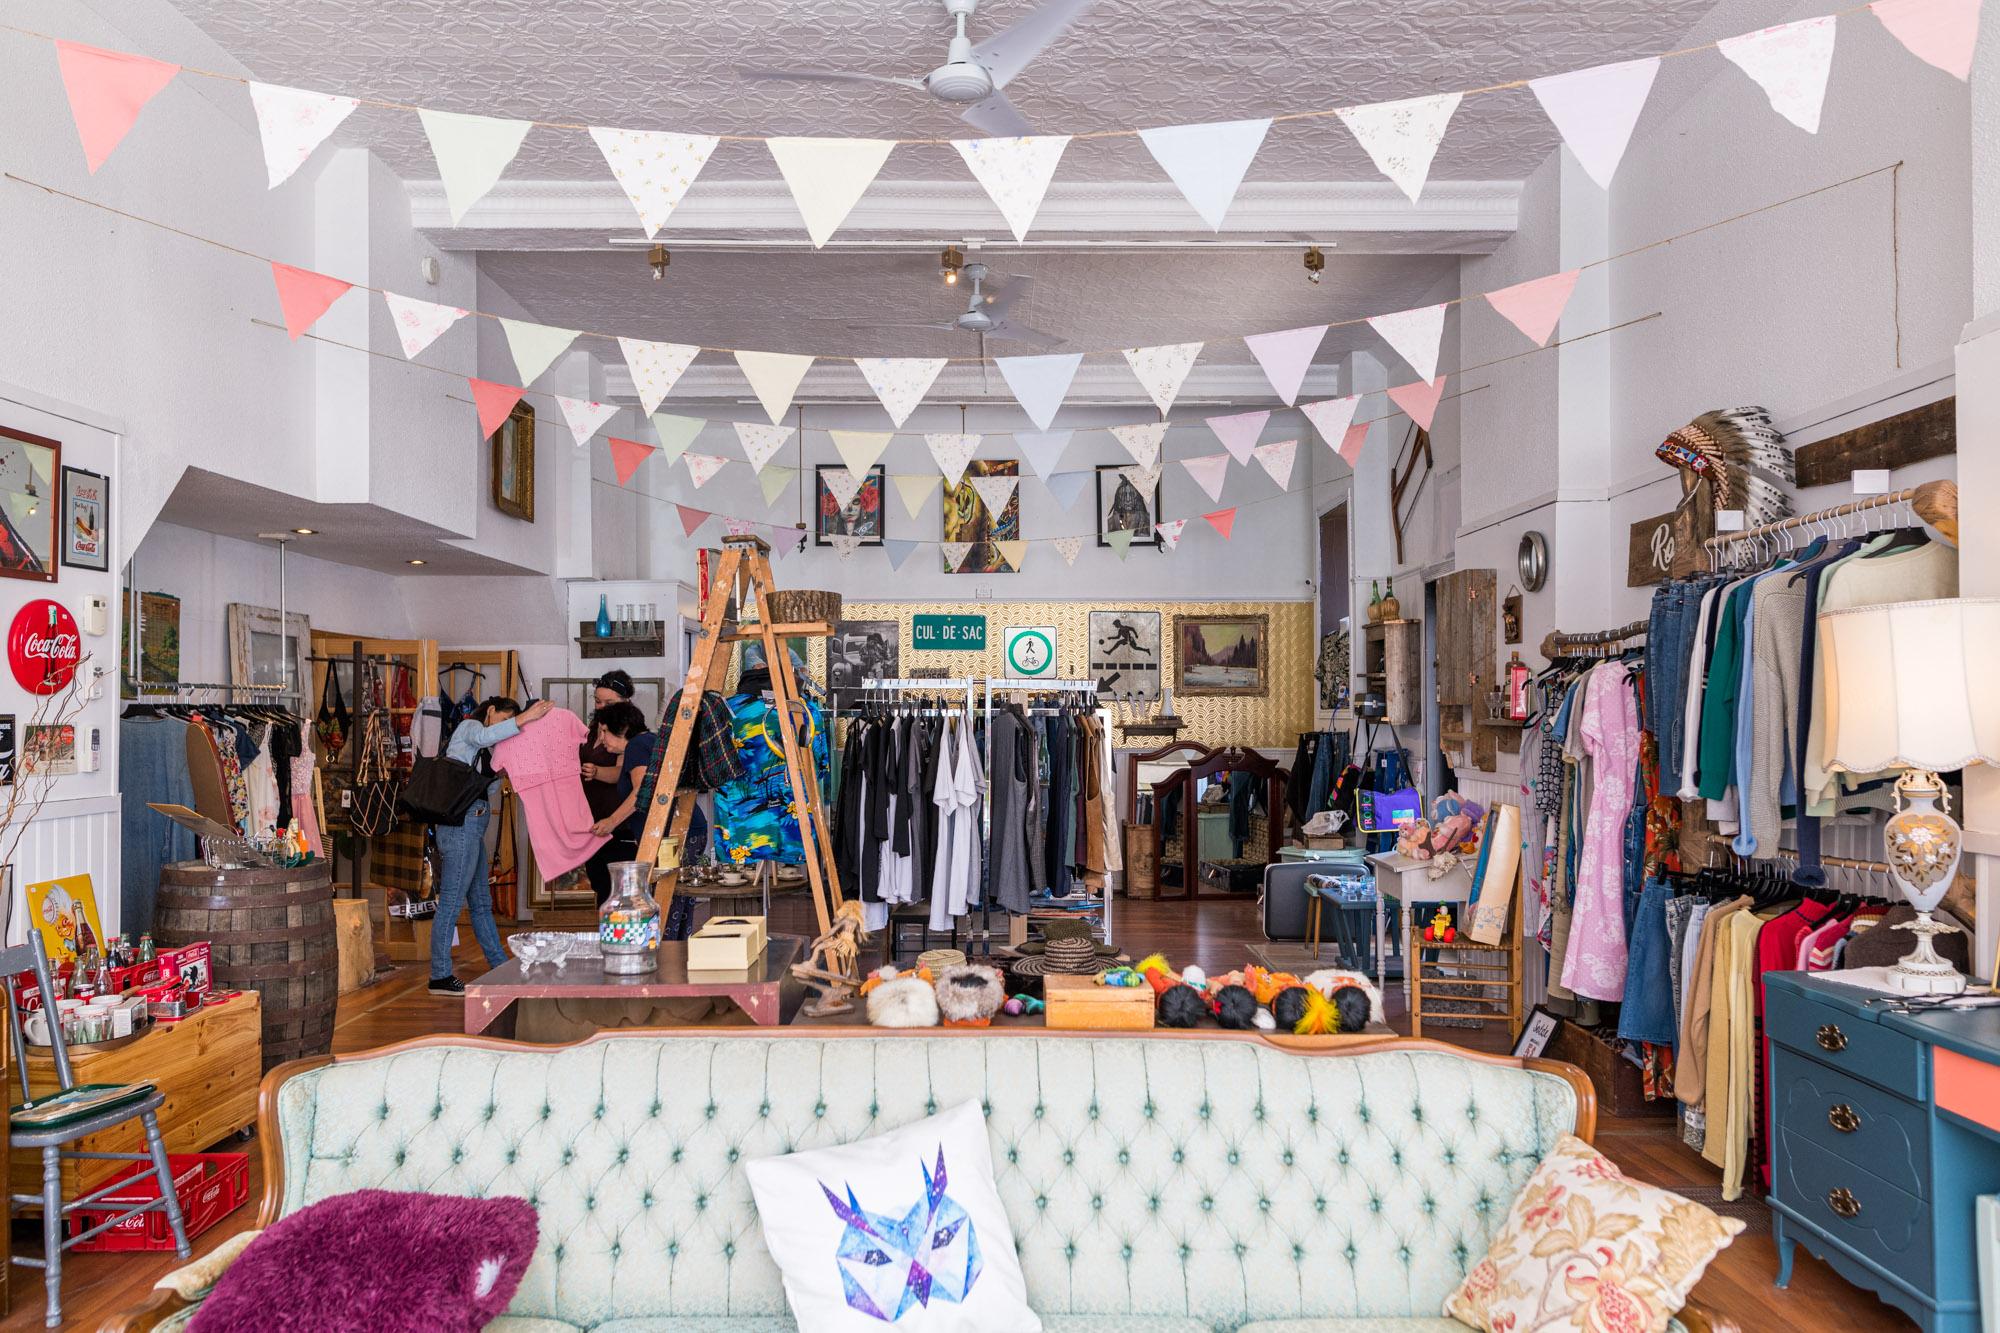 Quoi faire à Trois-Rivières — Thrift shopping chez PURR VNTG Boutique Atelier — Trois-Rivières — Jeff Frenette Photography